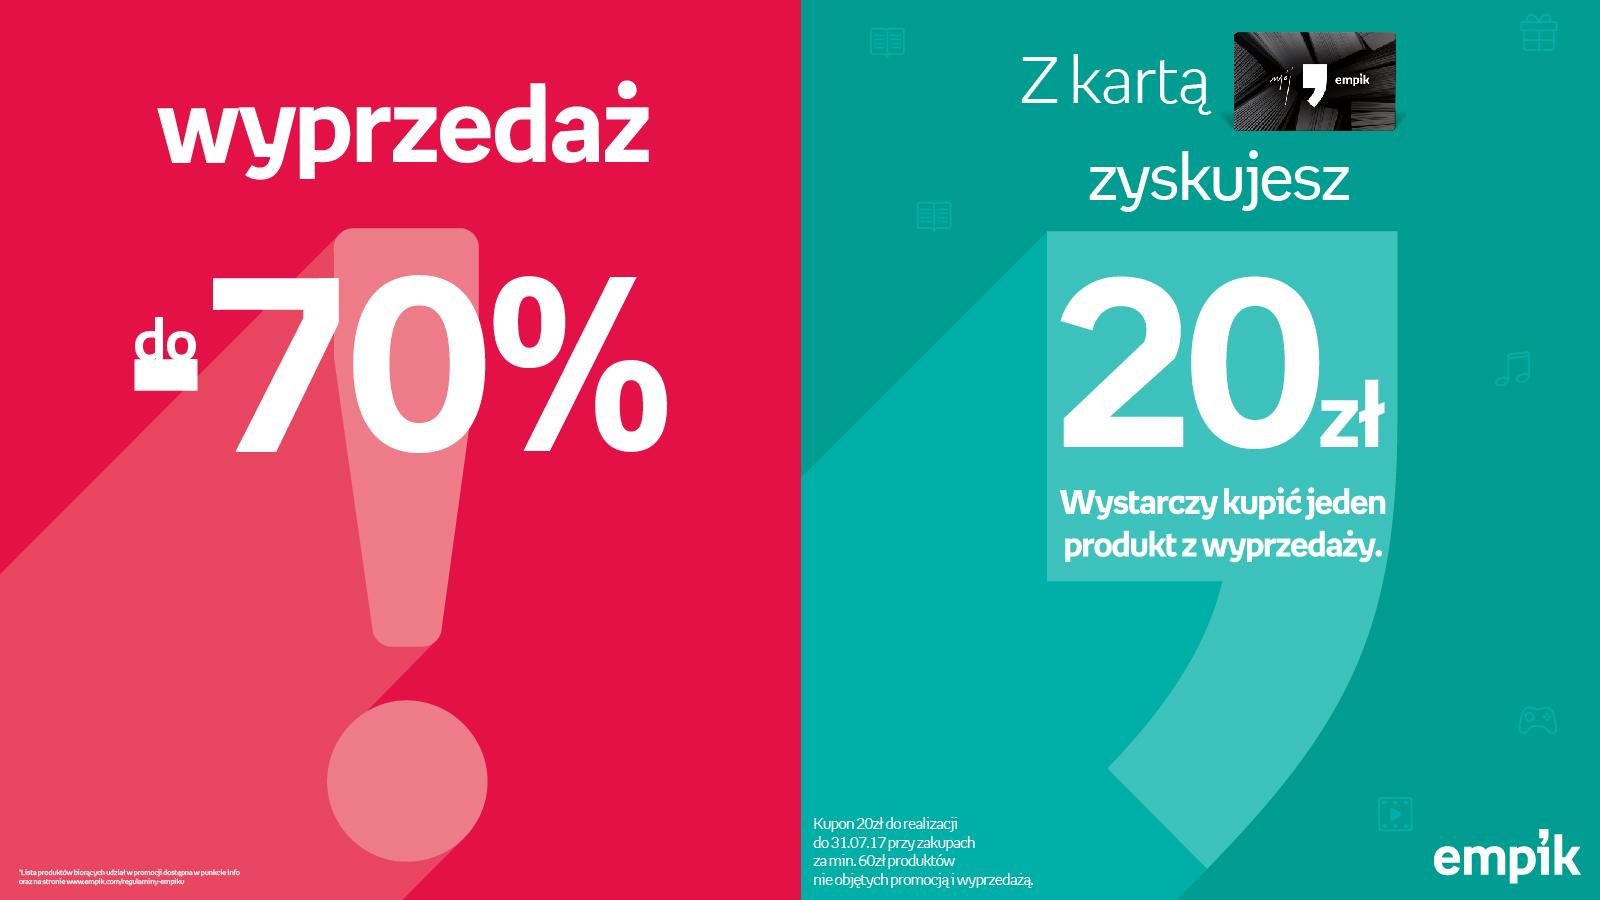 Wyprzedaż! Produkty tańsze do 70%!